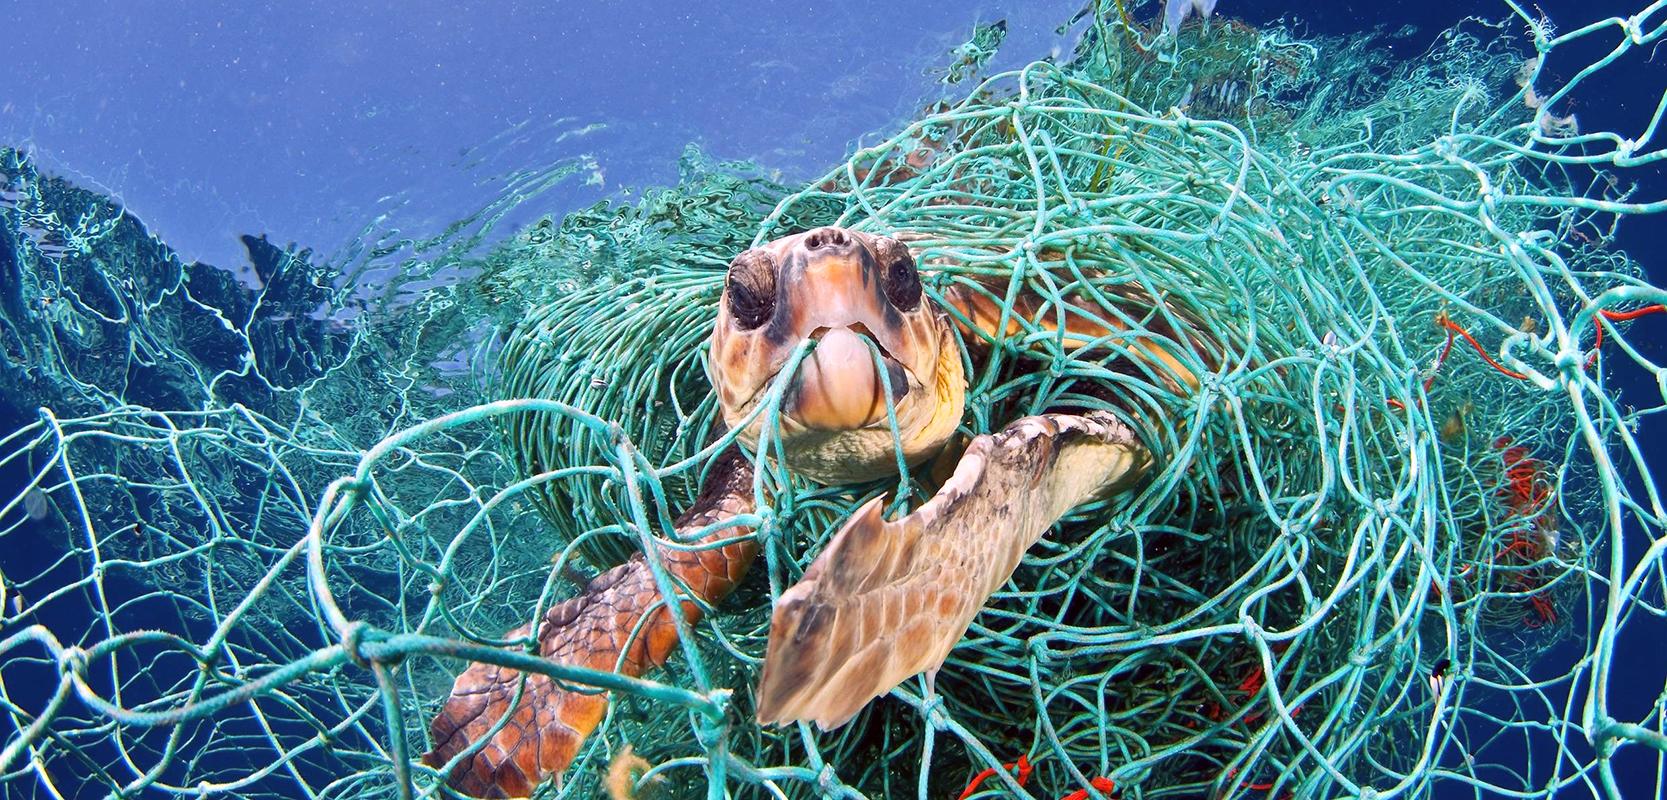 turtle-caught-in-net-e1496755221647 copy.jpg